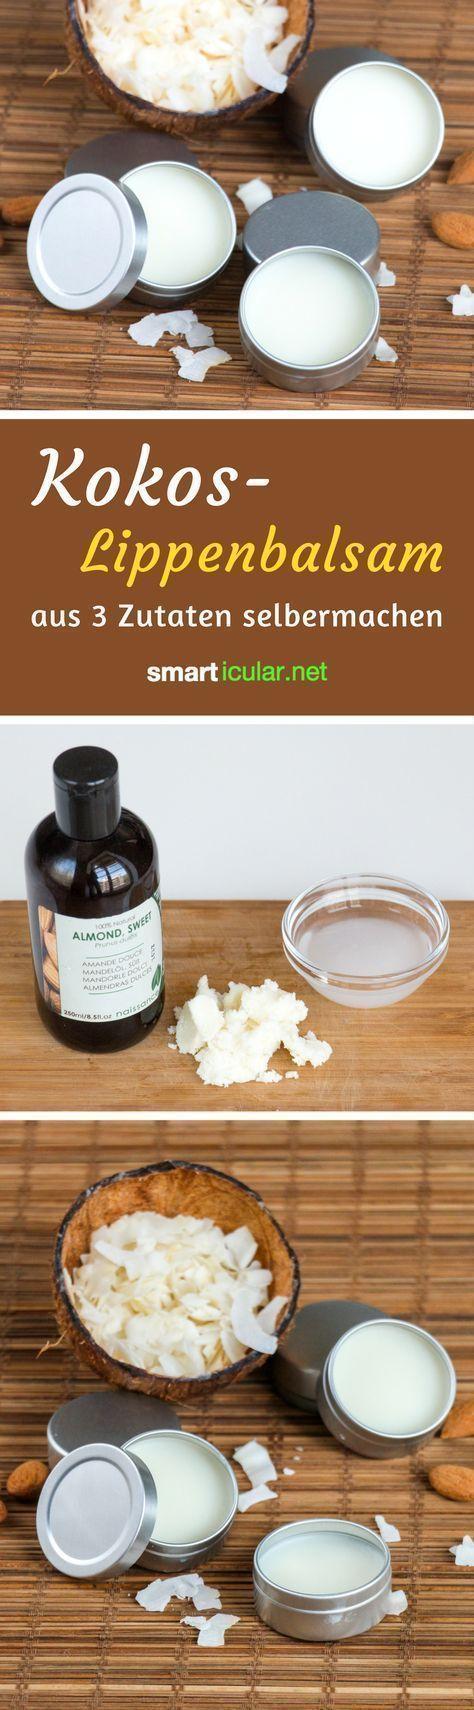 Kokosöl-Lippenbalsam - das einfachste Rezept ohne Bienenwachs